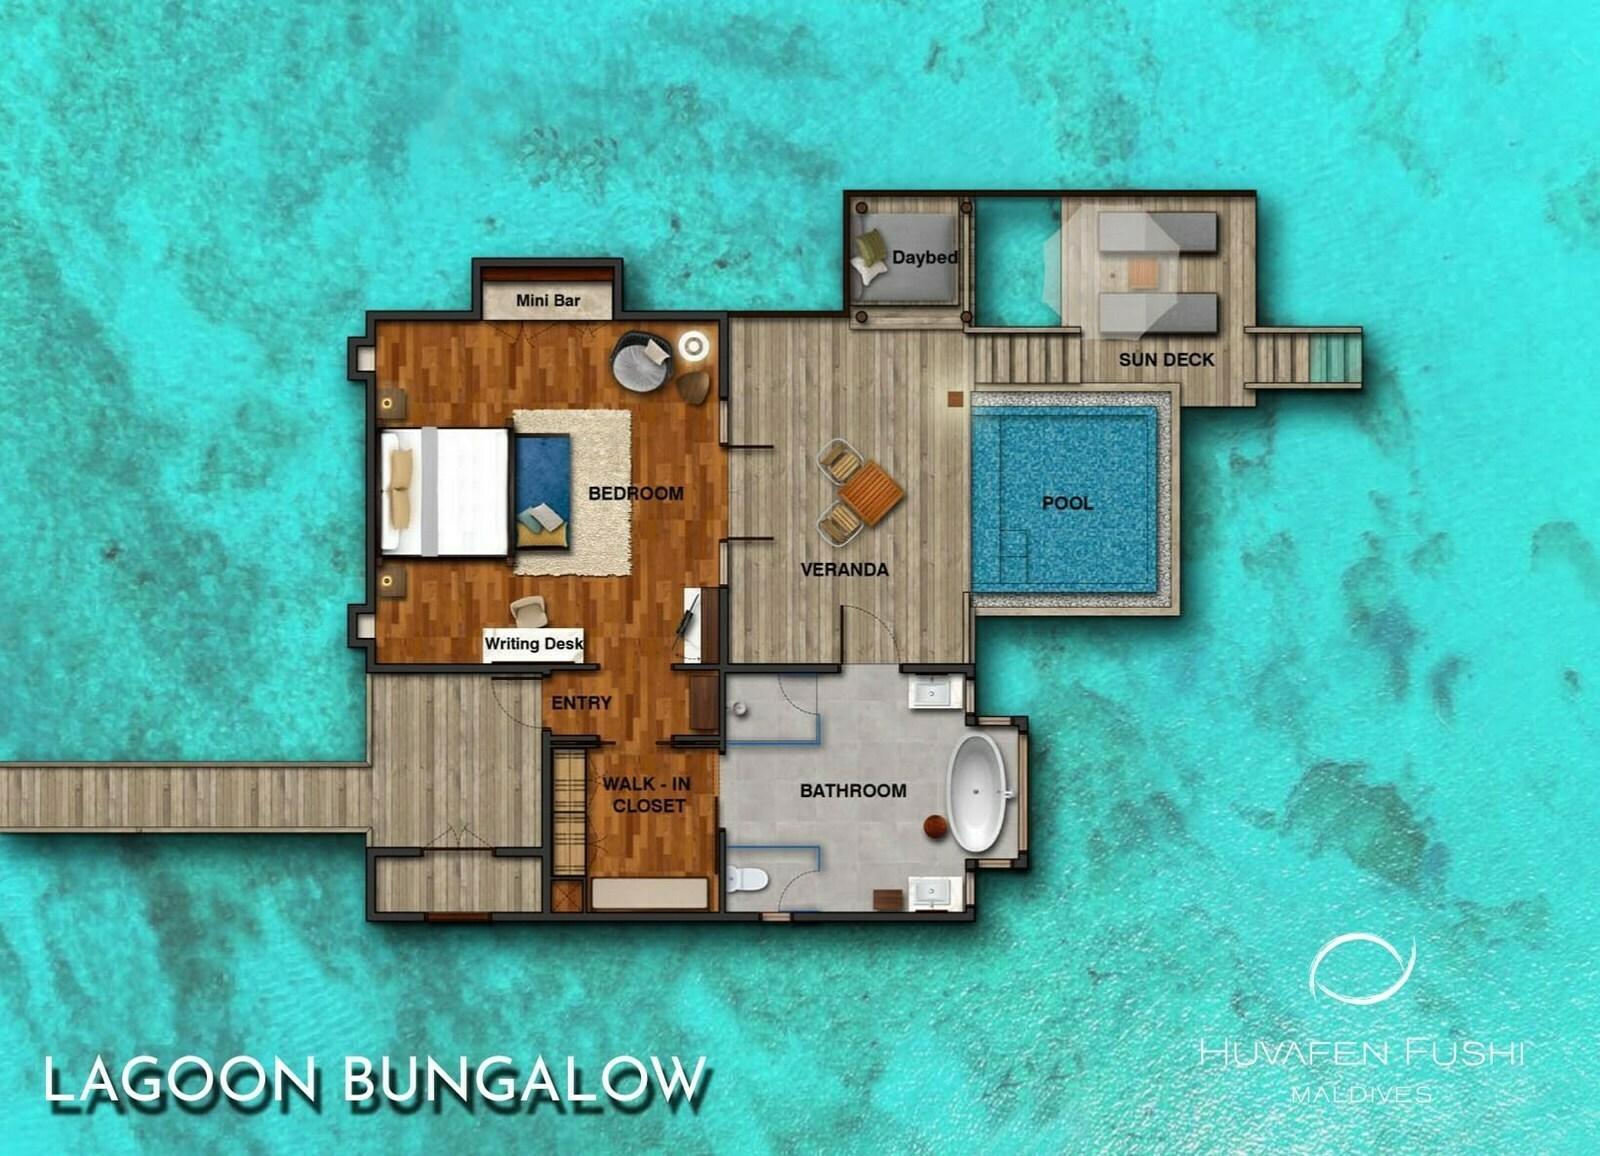 Мальдивы, отель Huvafen Fushi Maldives, план-схема номера Lagoon Bungalow with Pool